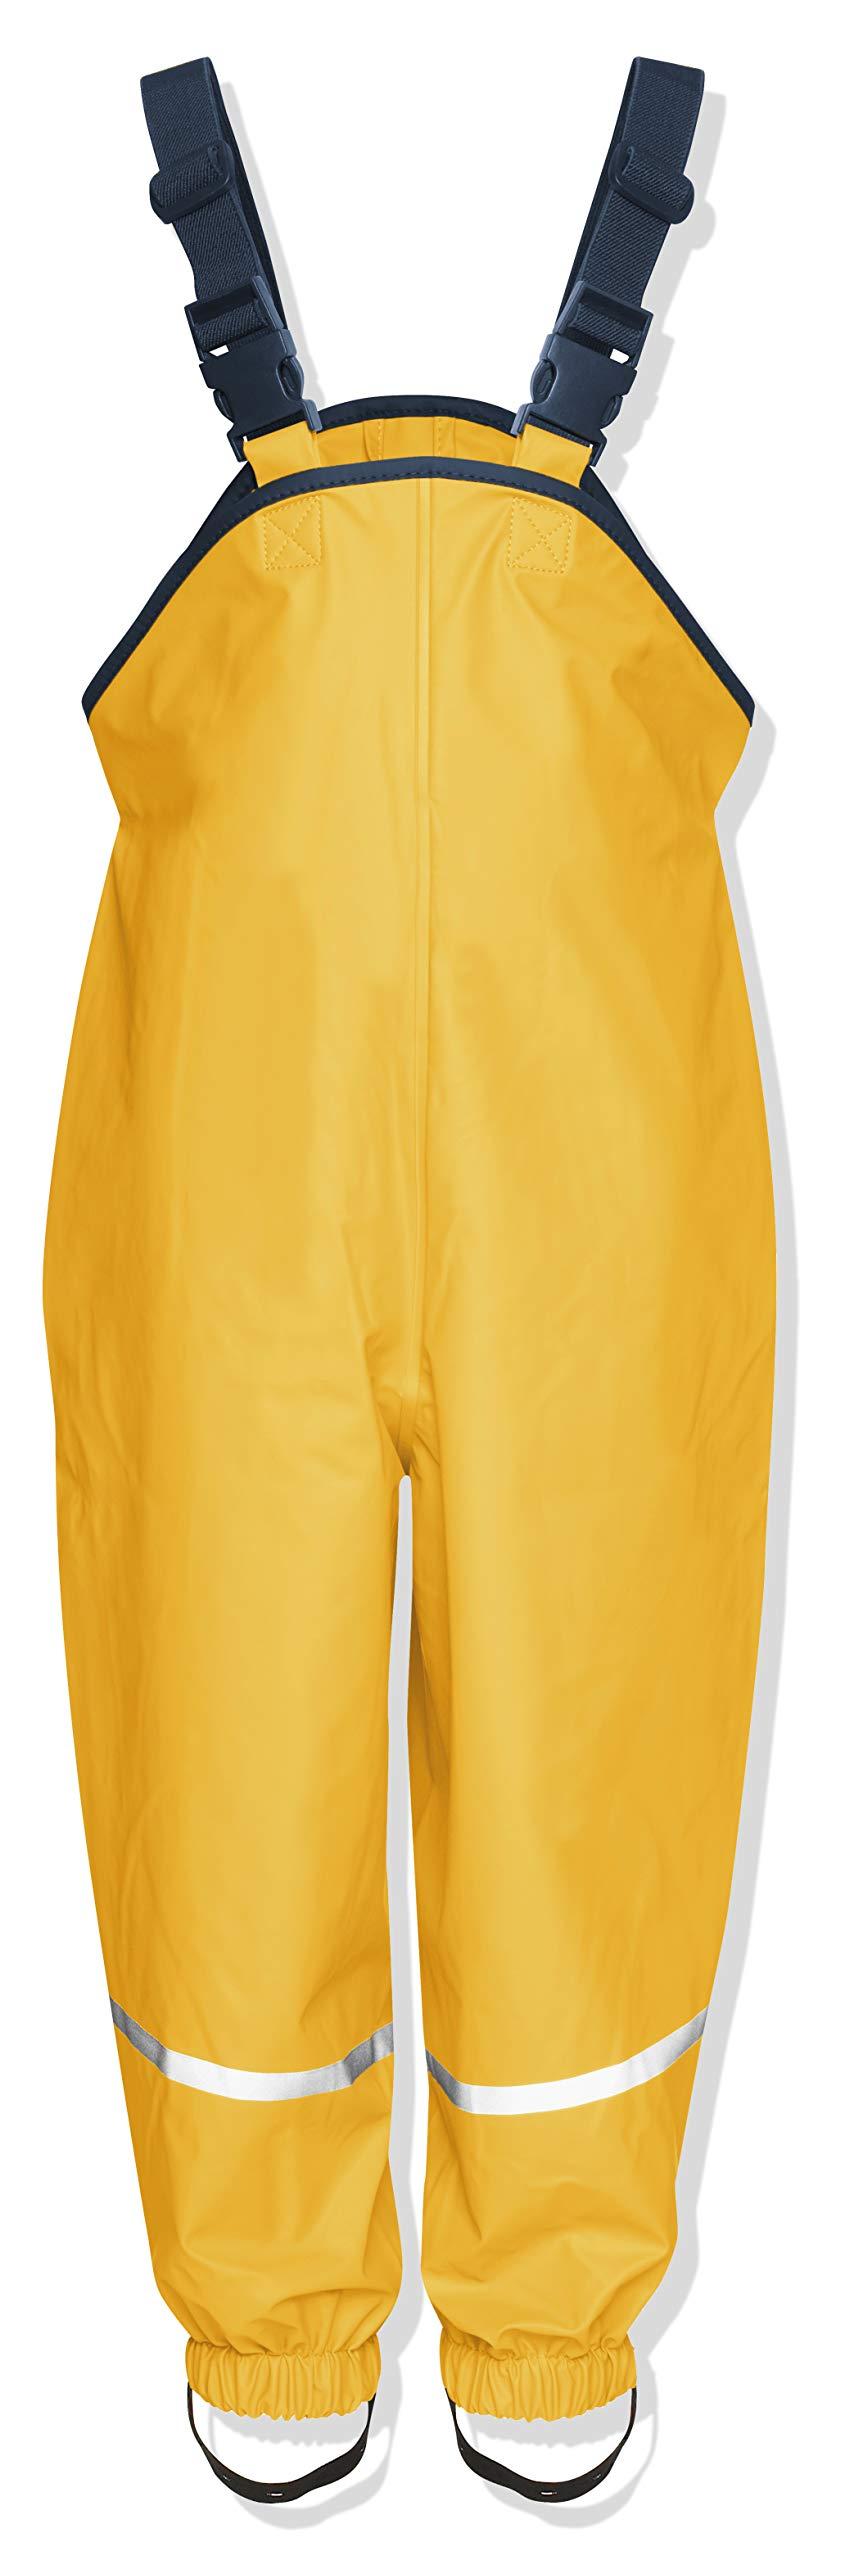 Playshoes Regenlatzhose Pantalón Impermeable para Niños 1